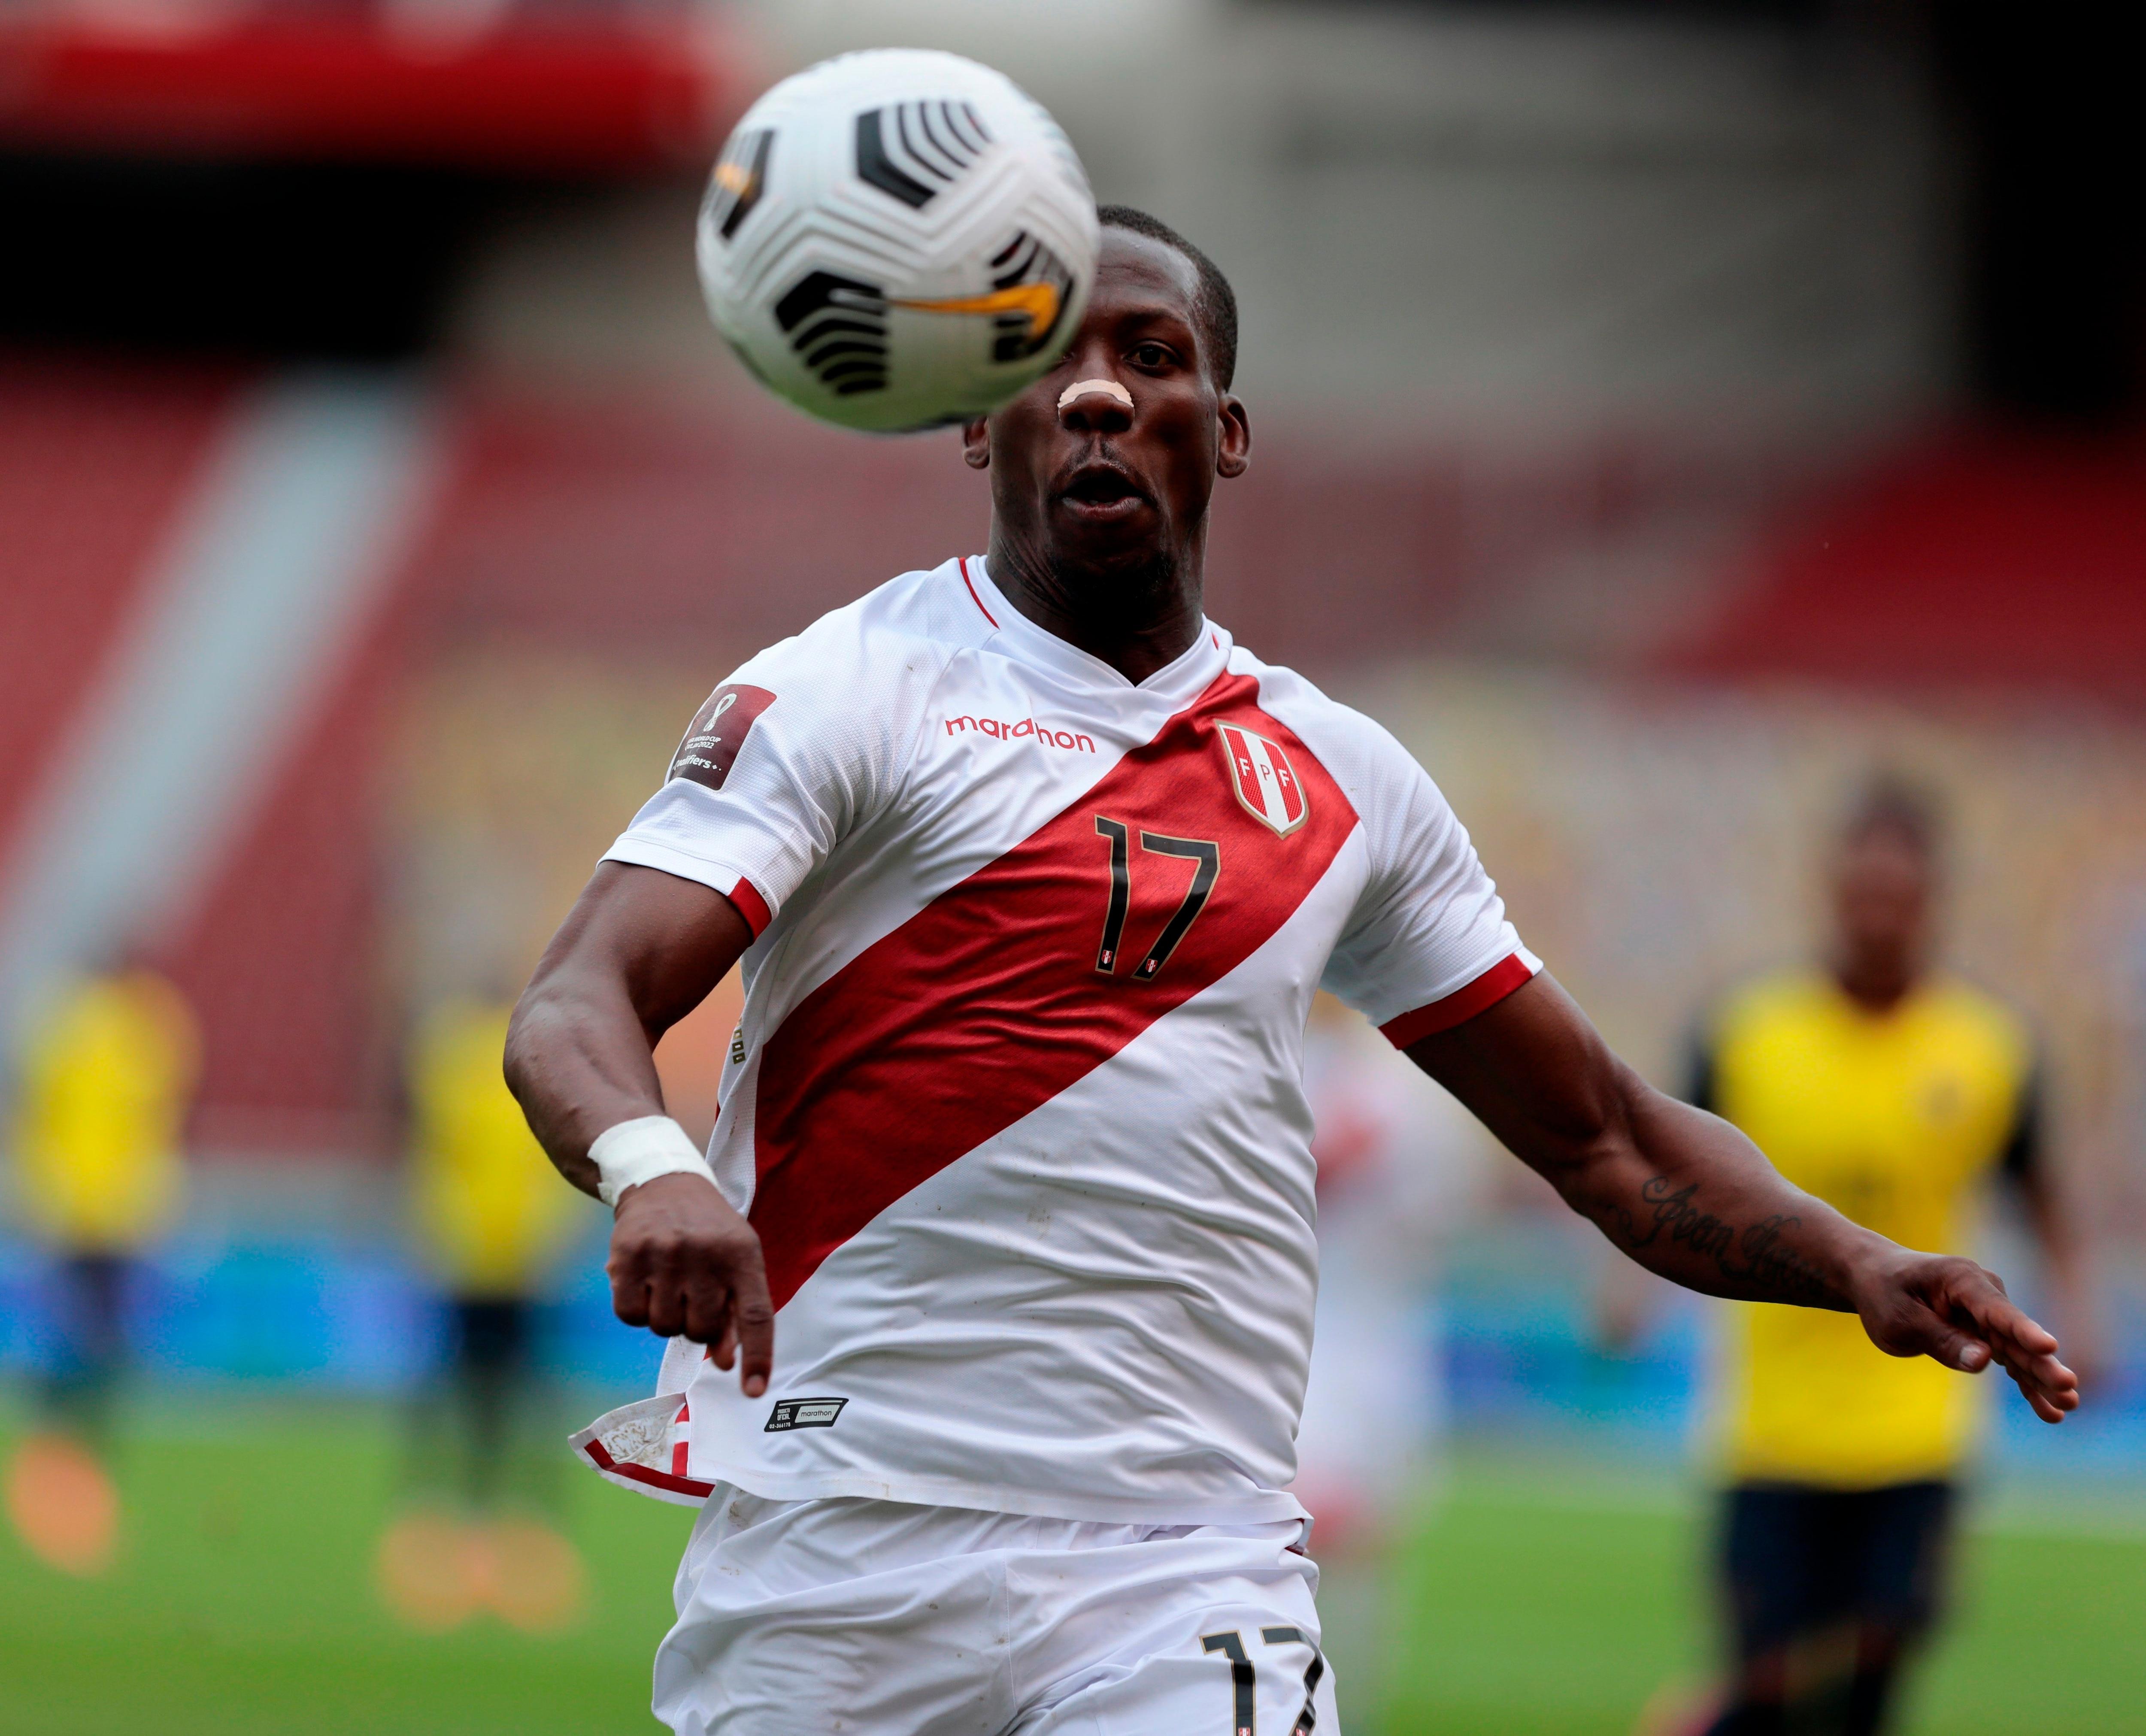 El jugador Luis Advíncula. EFE/Franklin Jácome POOL/Archivo